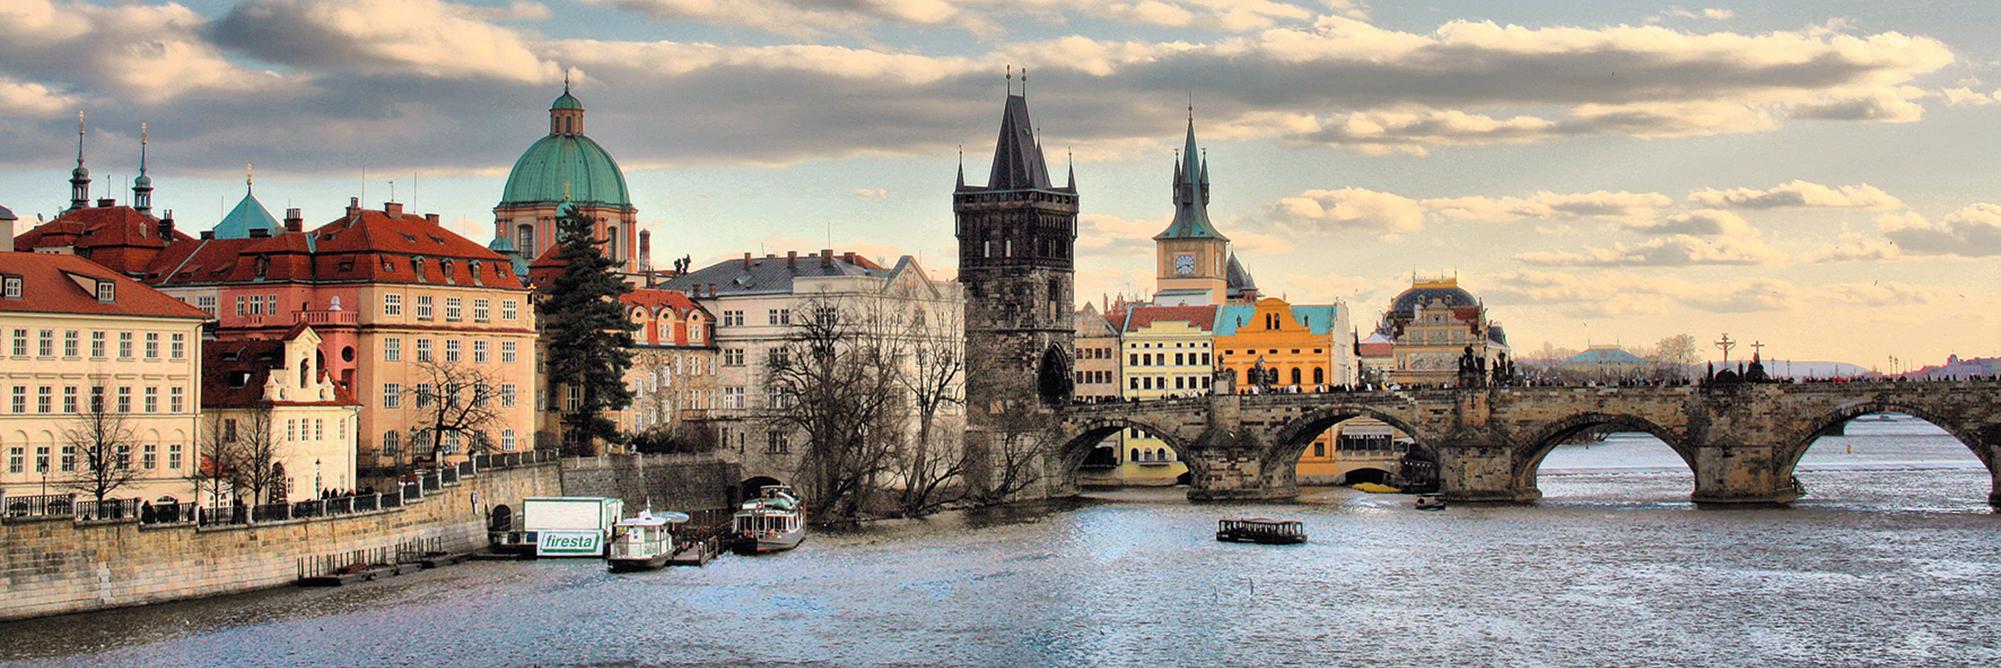 Slider Tschechien Prag Karlsbrücke